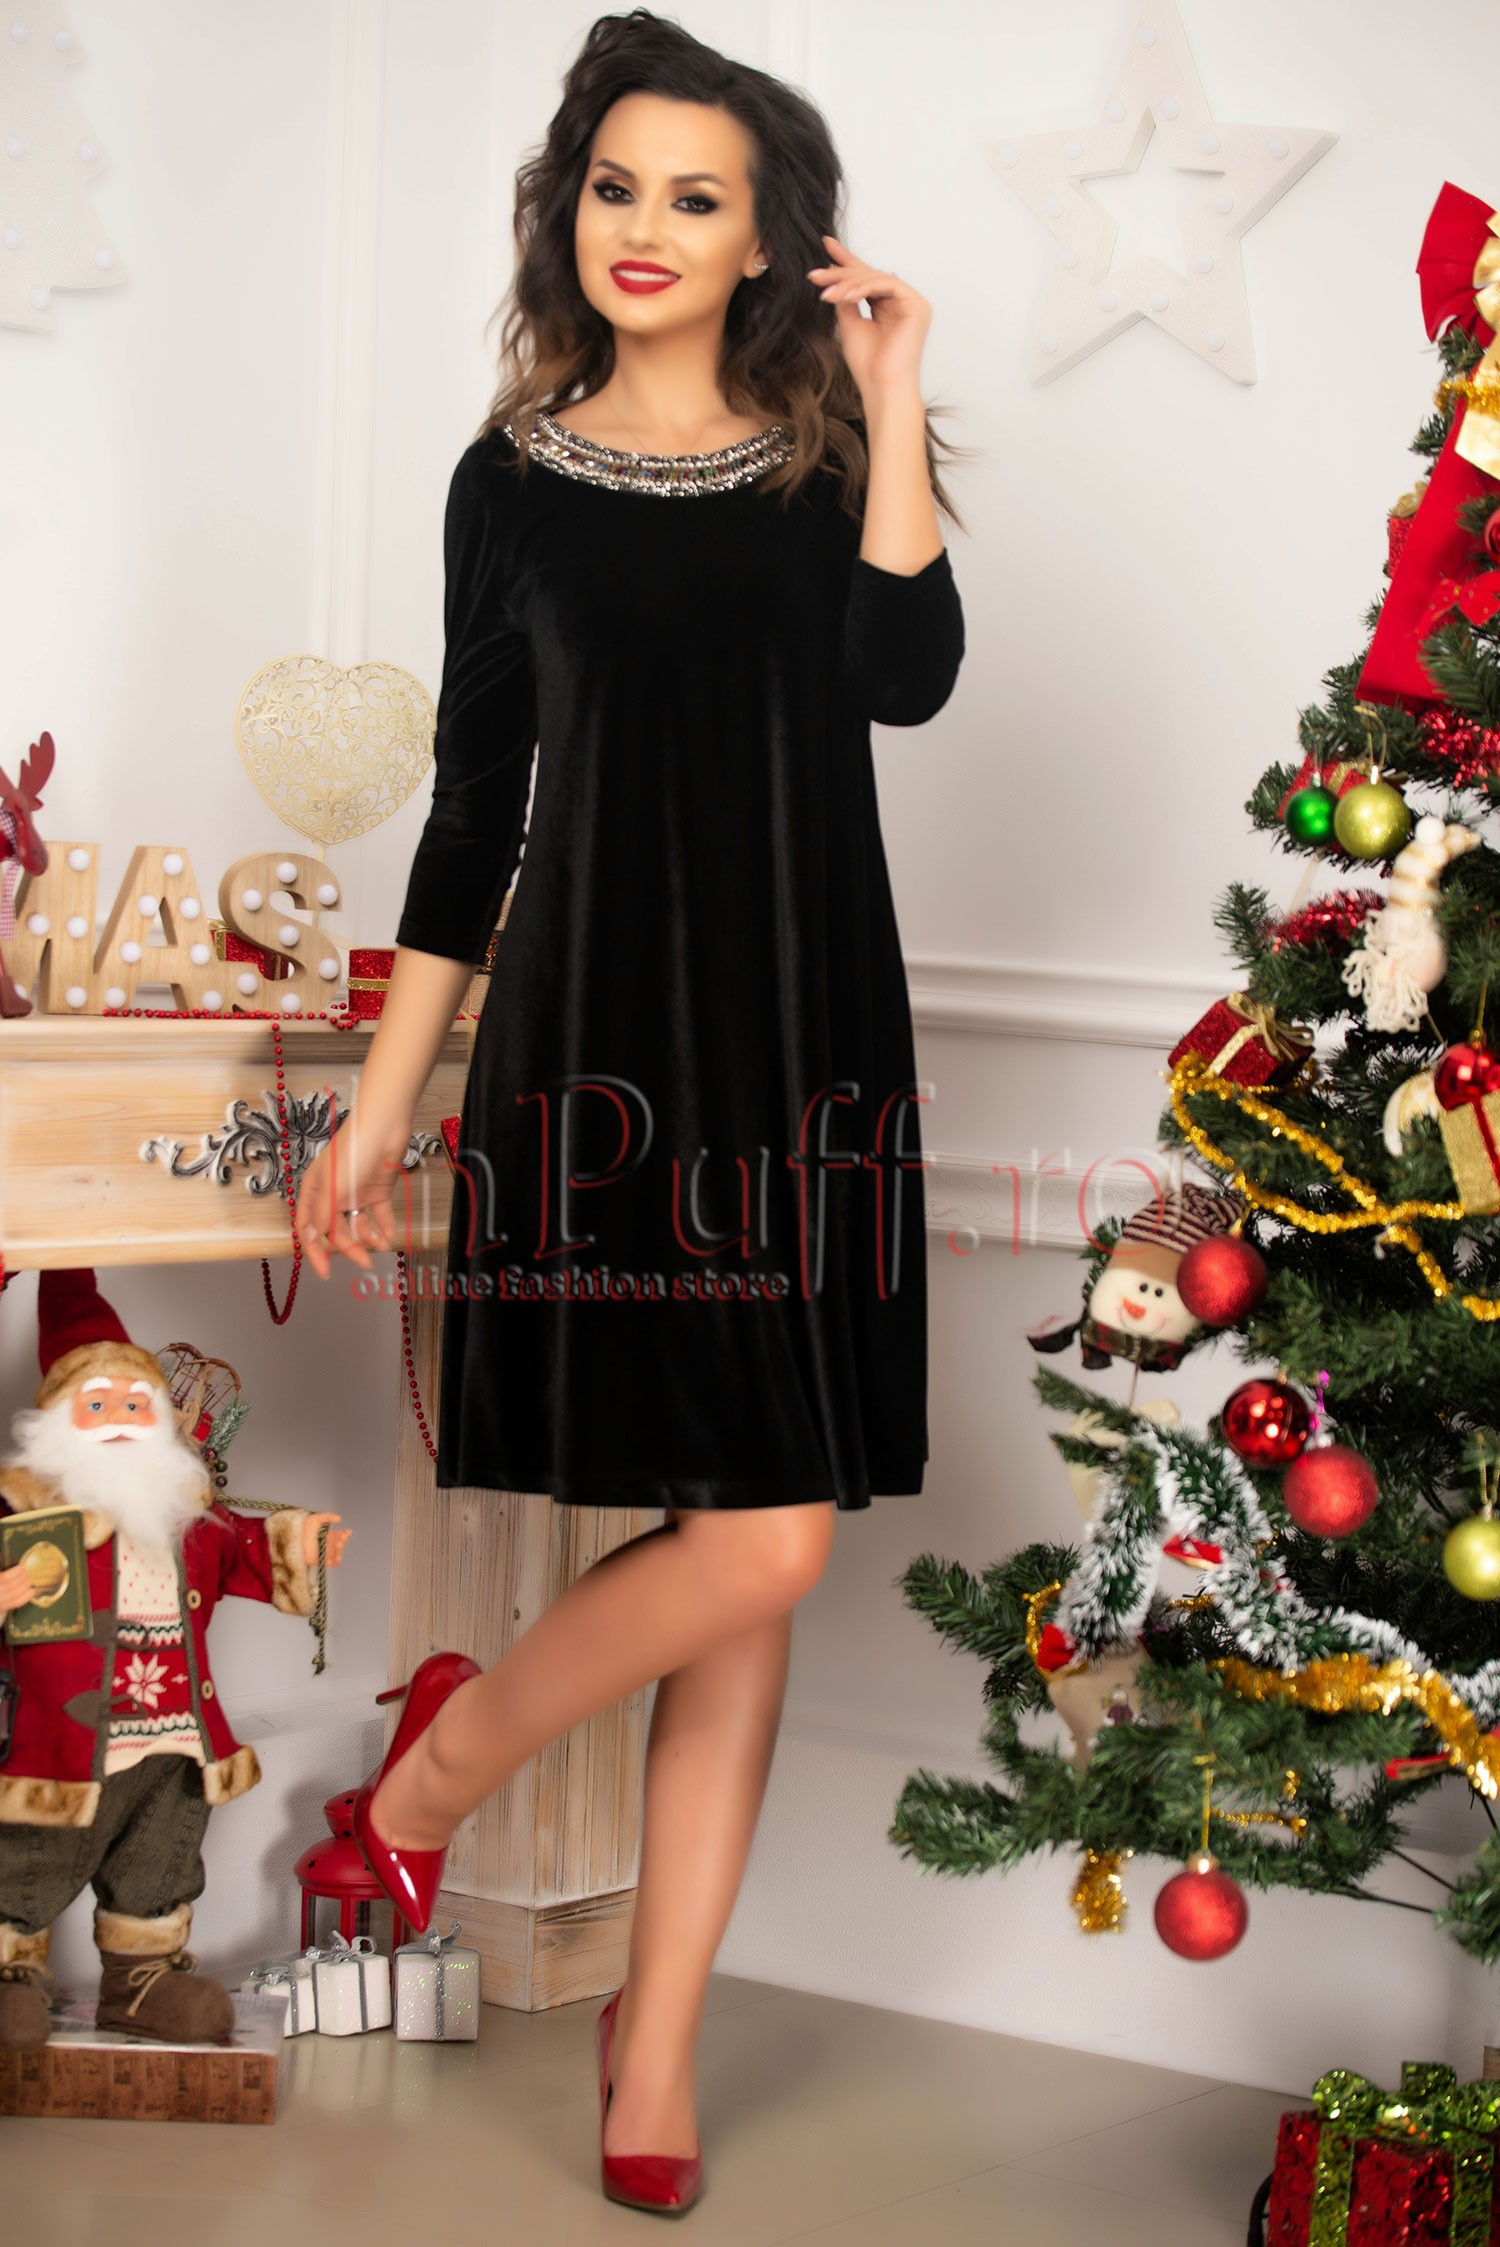 Rochie eleganta din catifea neagra si colier pretios